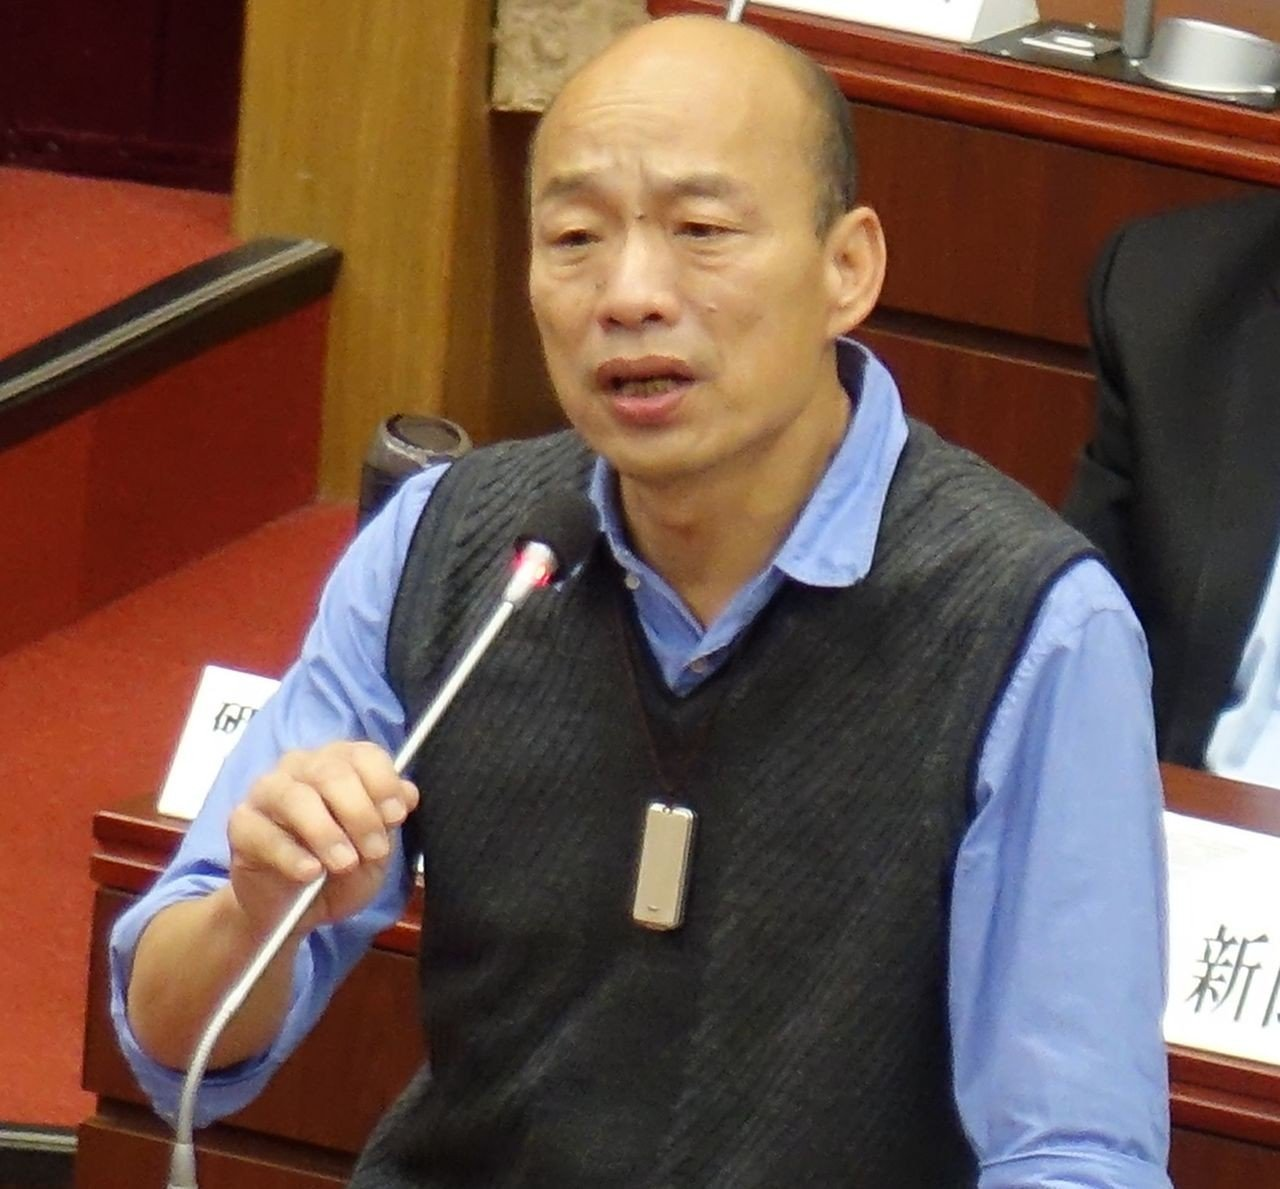 議員質詢要林右昌學韓國瑜拚經濟,林右昌反酸:我不會吹噓。圖/報系資料照